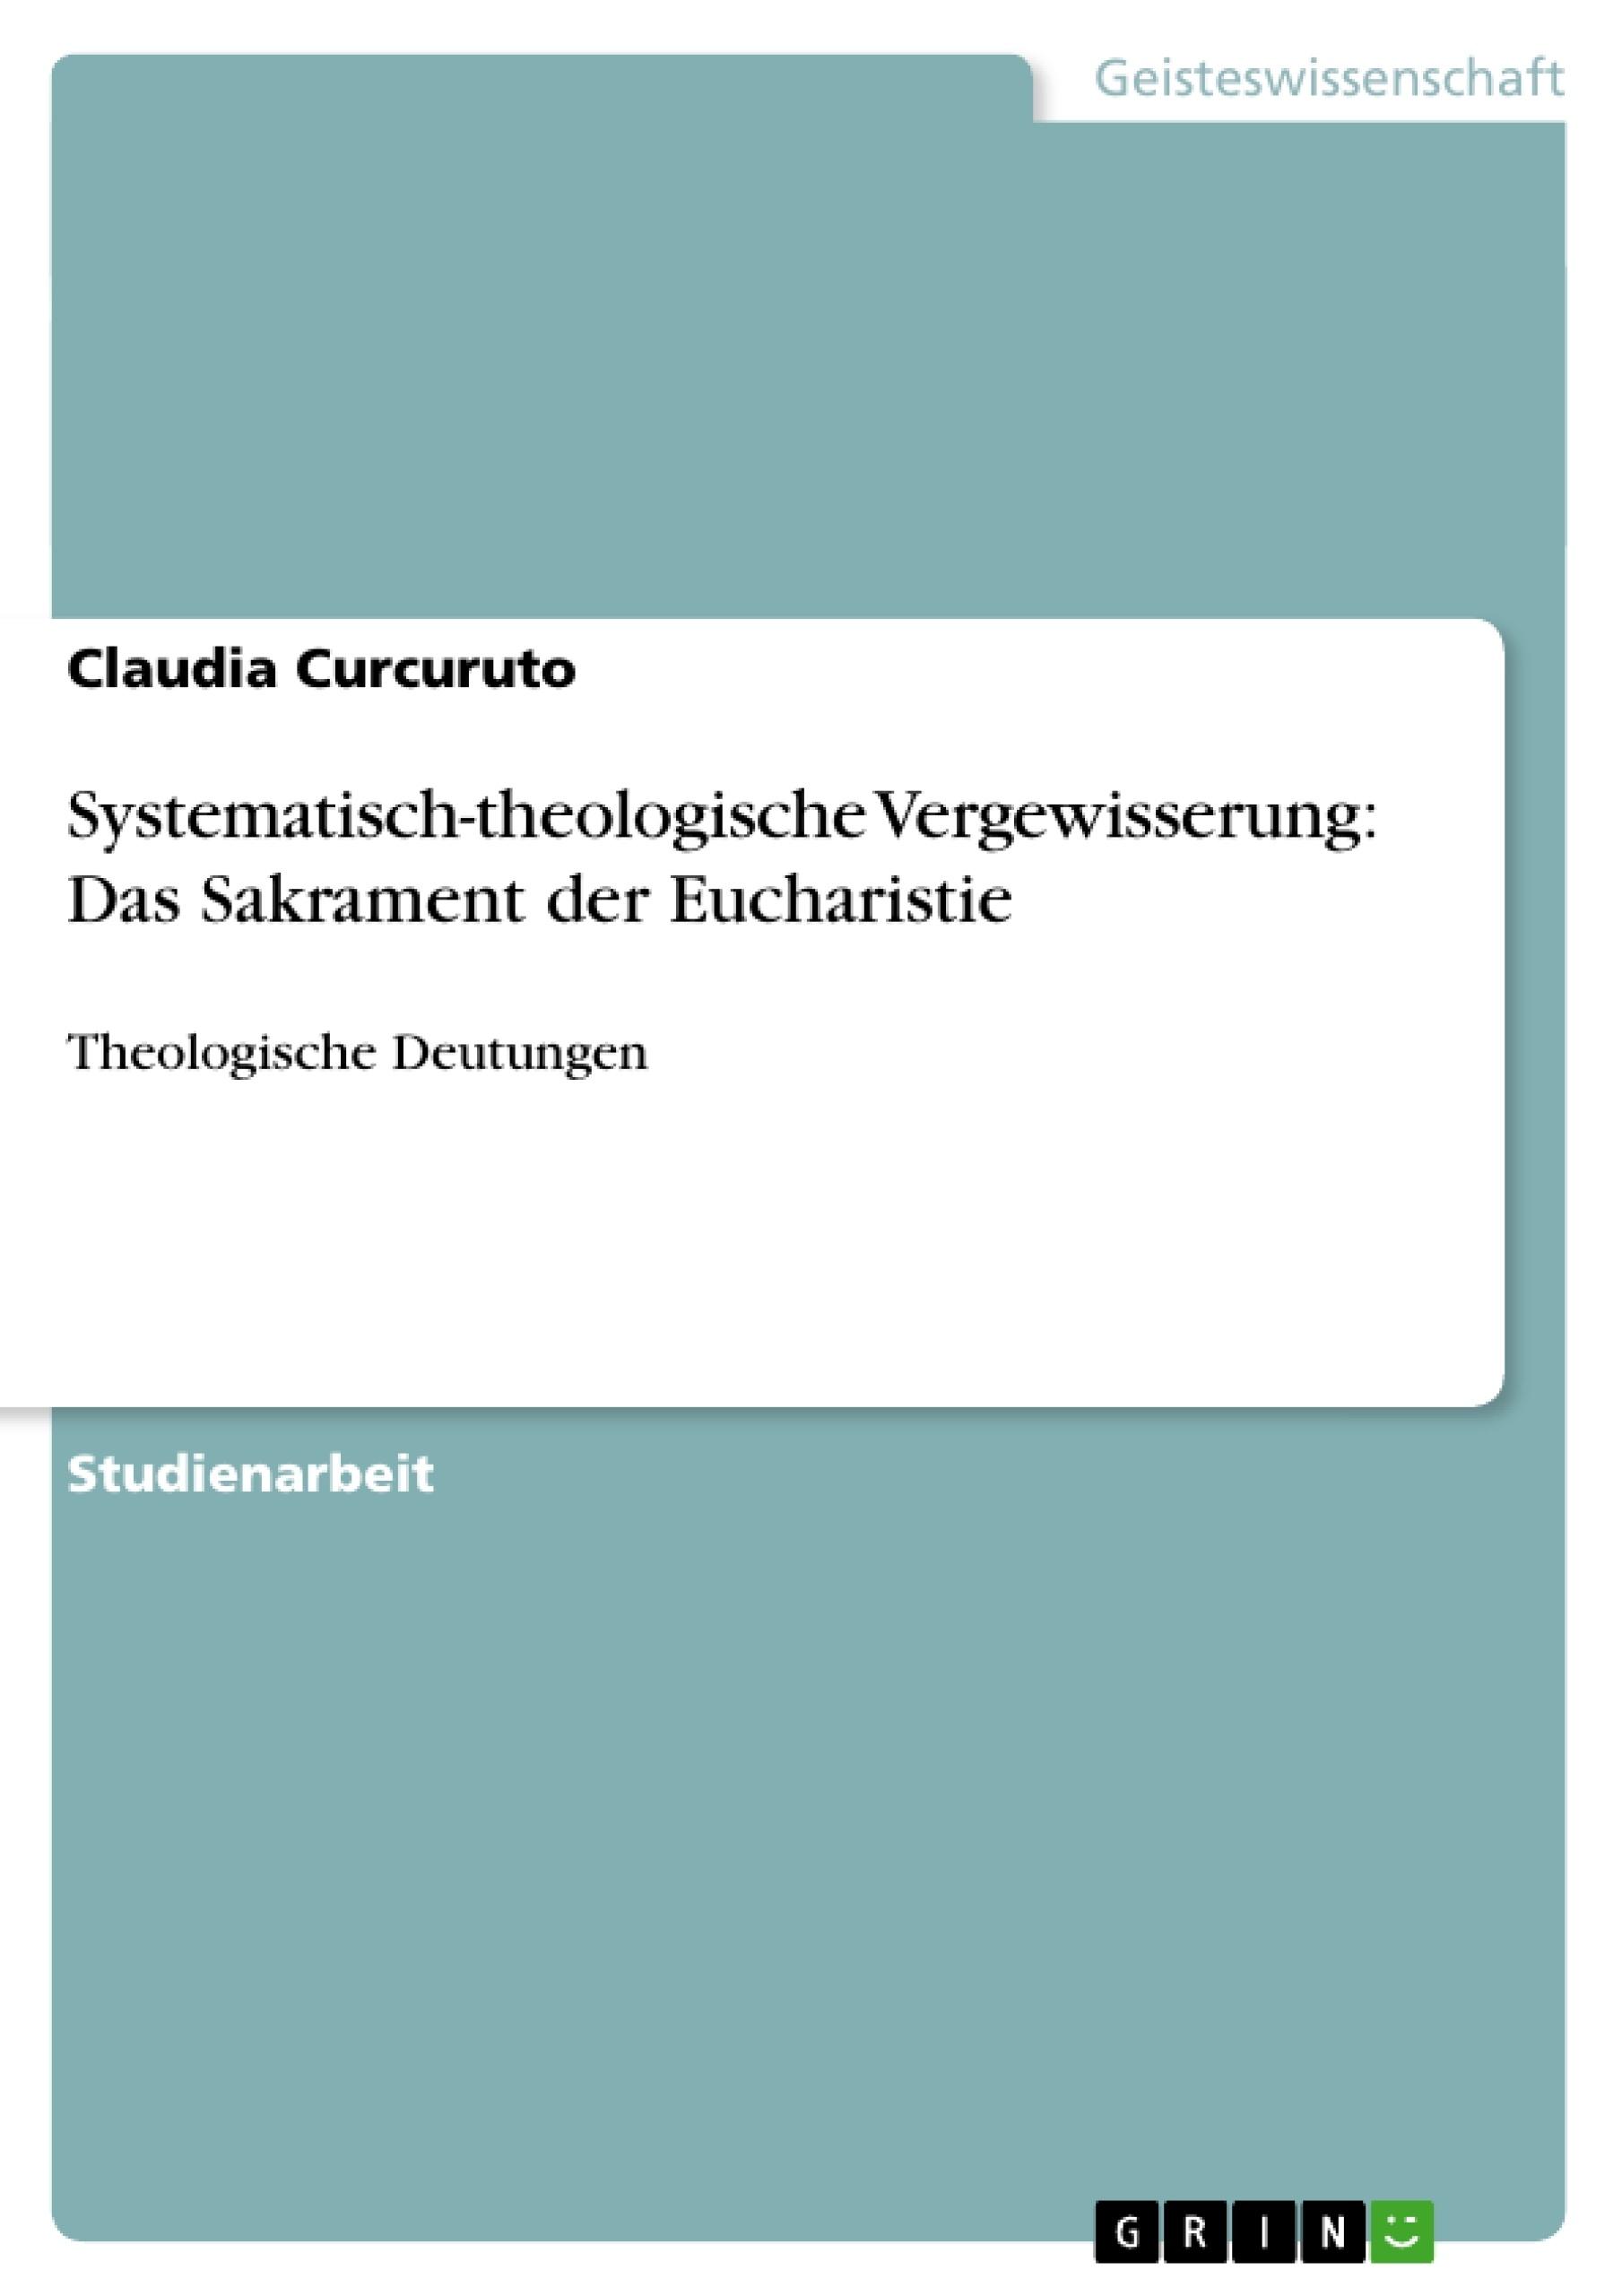 Titel: Systematisch-theologische Vergewisserung: Das Sakrament der Eucharistie